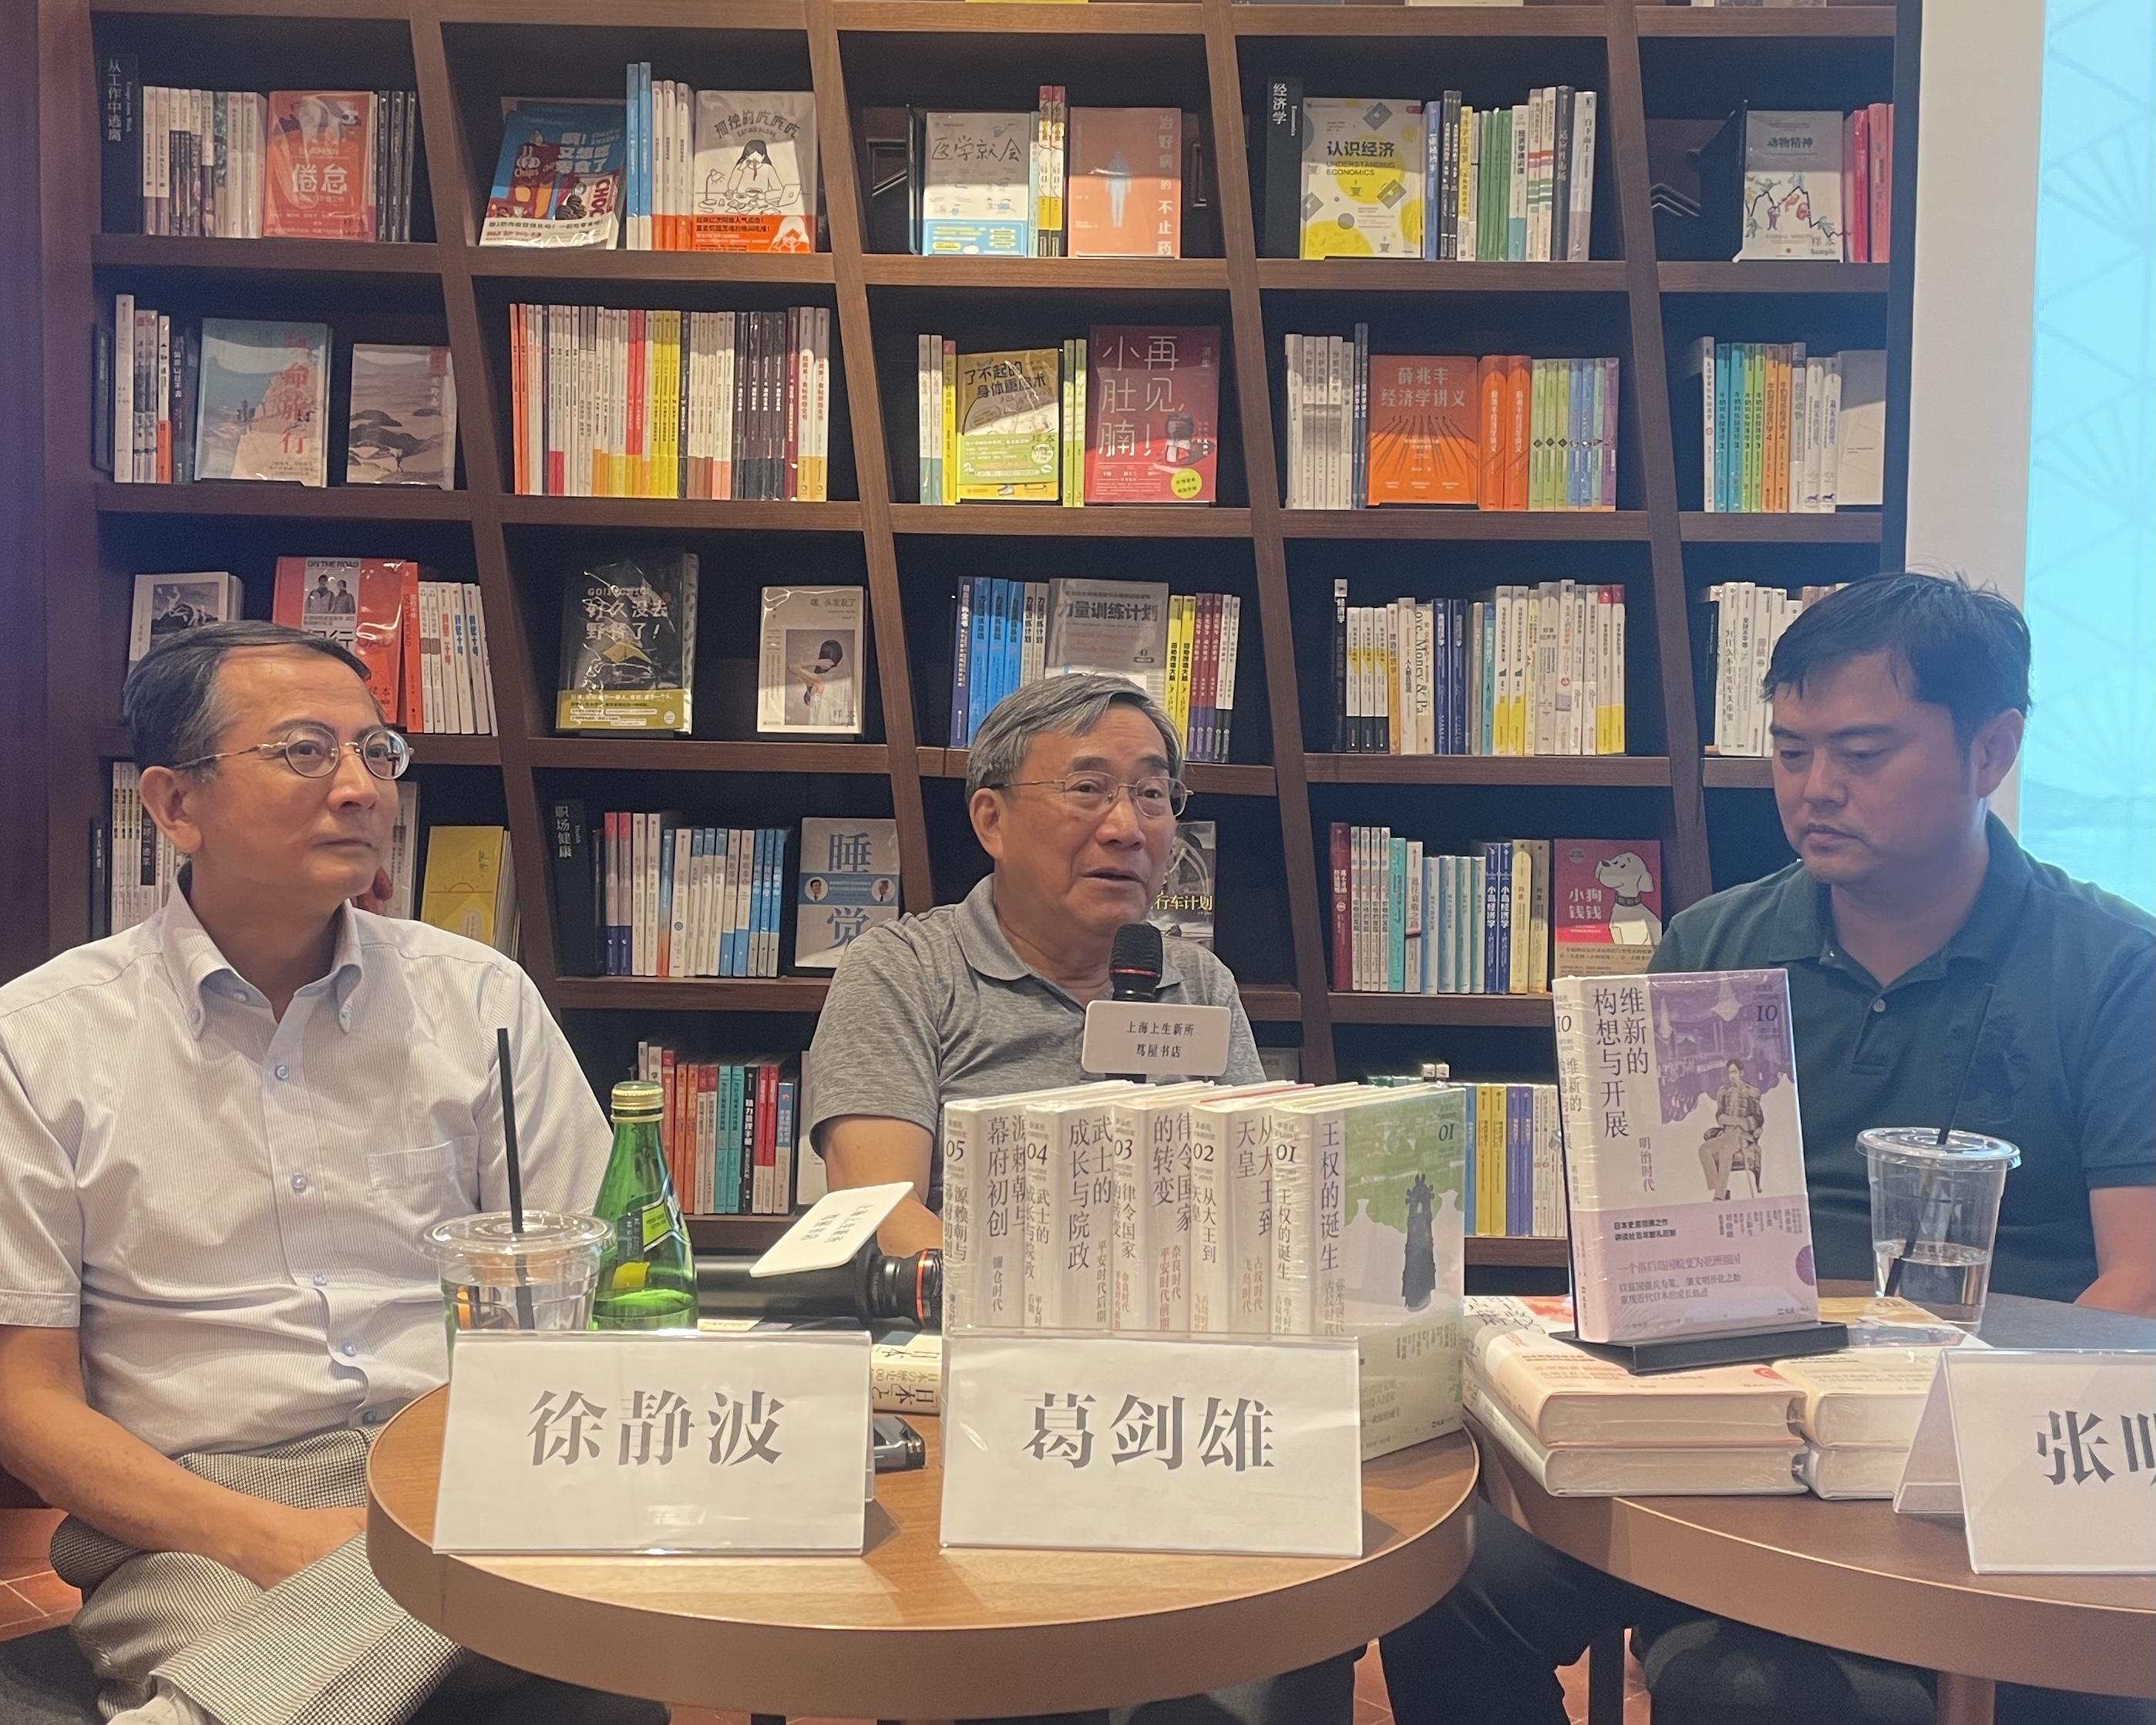 活动现场(从左到右:徐静波、葛剑雄、张明扬)